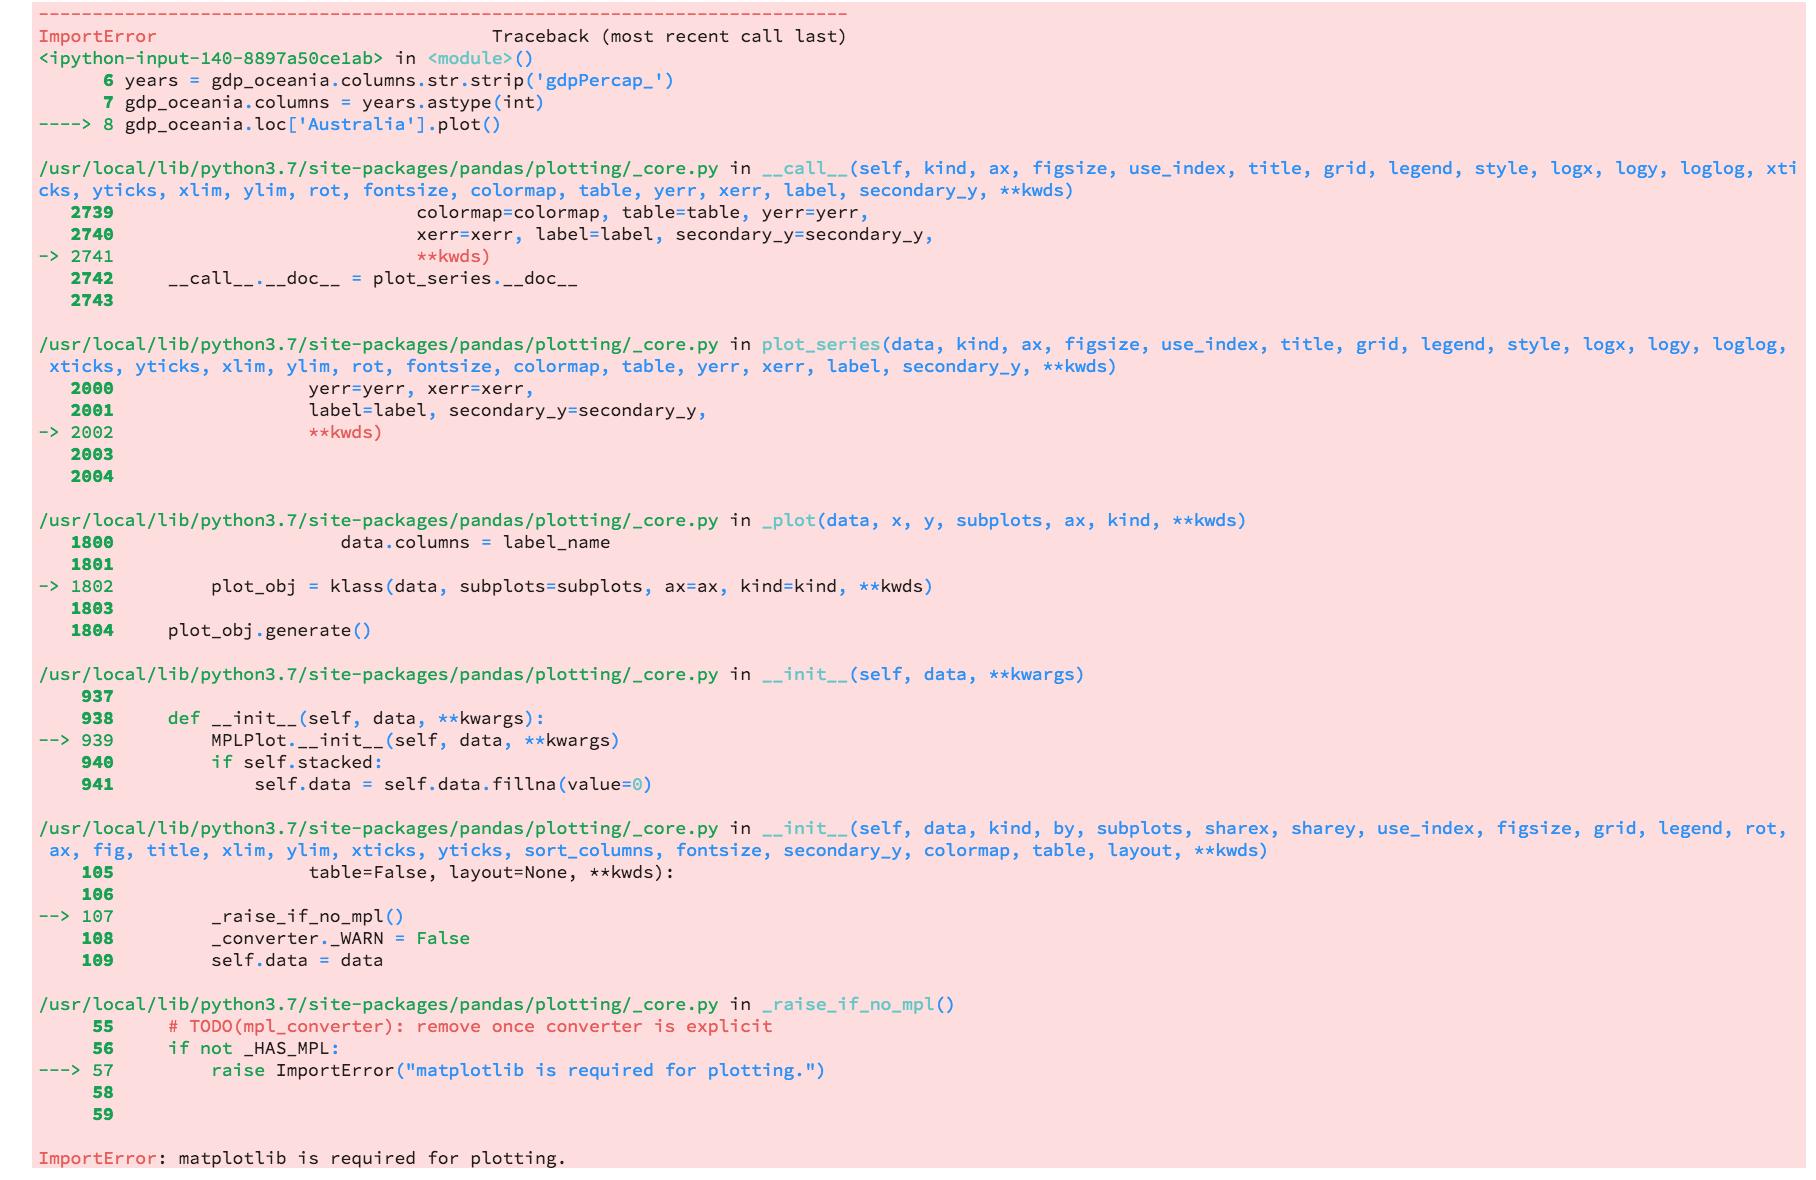 notebook not retain matplotlib import · Issue #4977 · jupyterlab